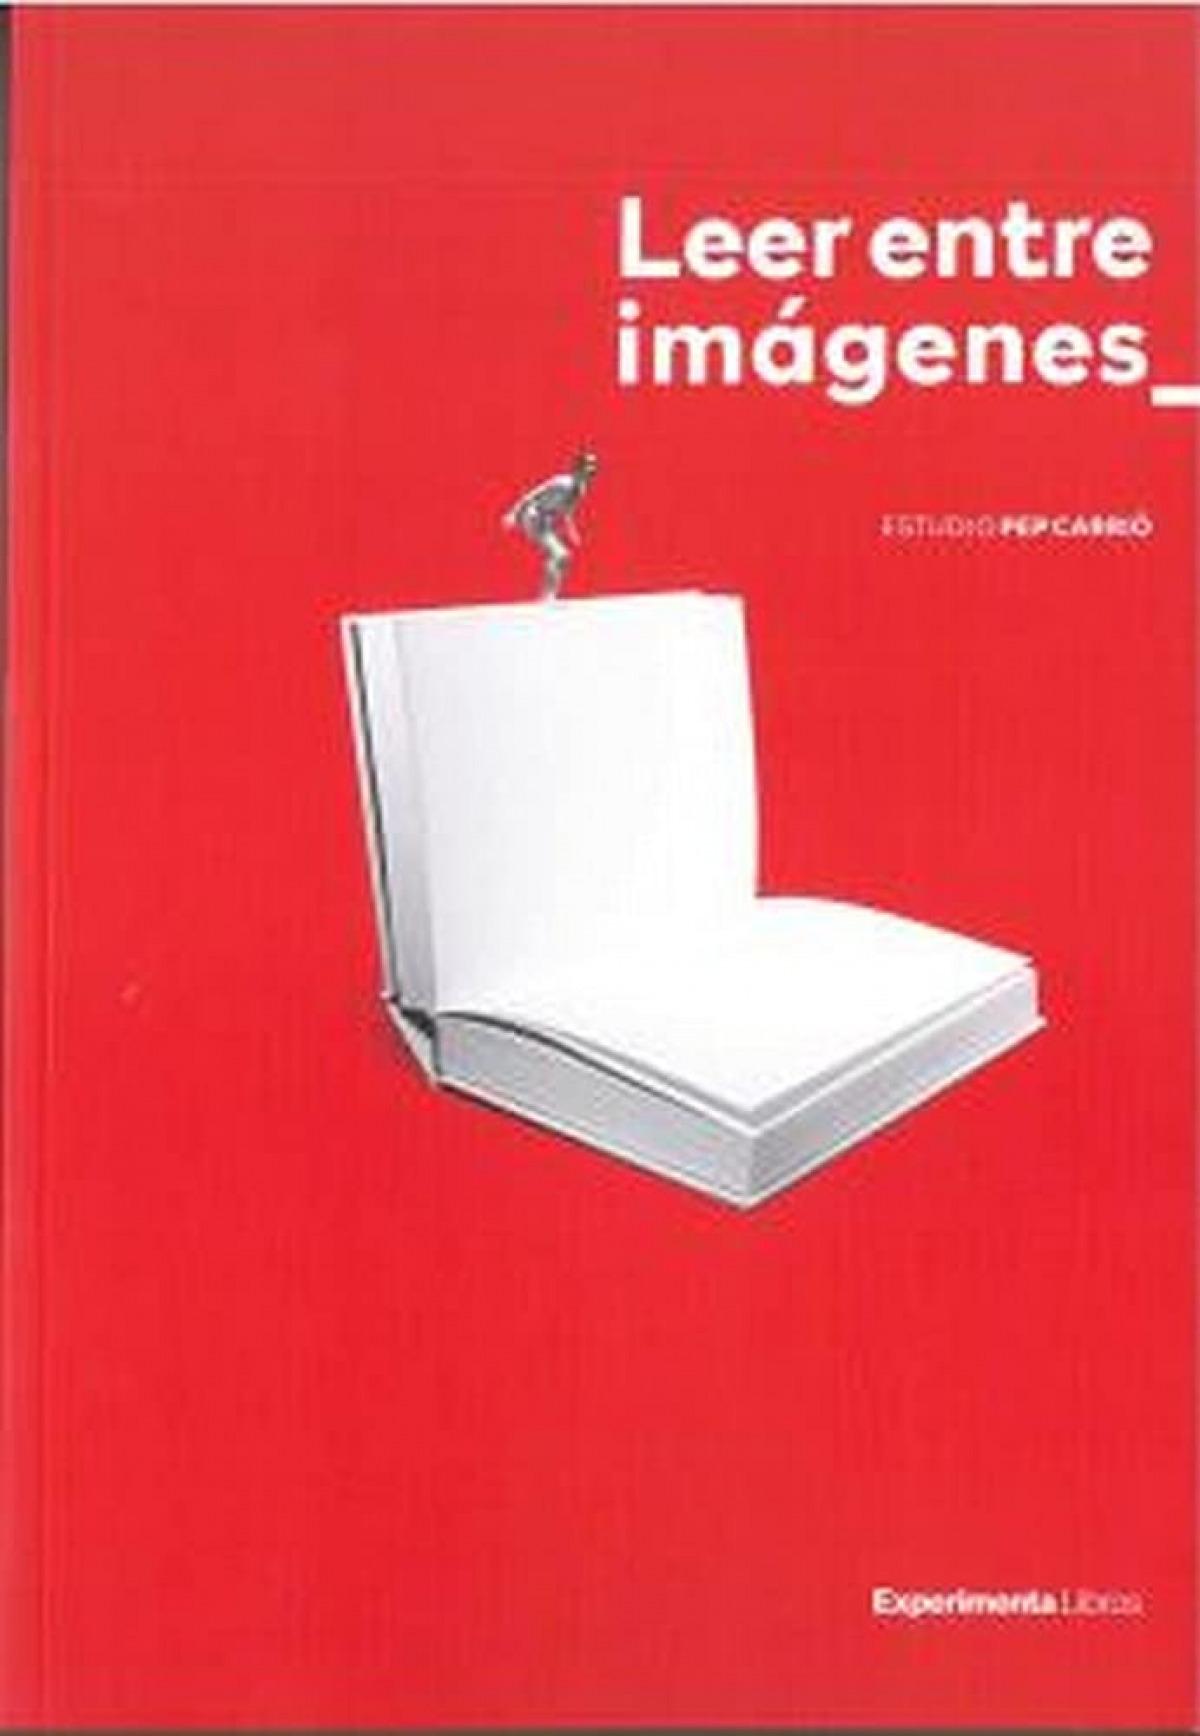 Leer entre imágenes